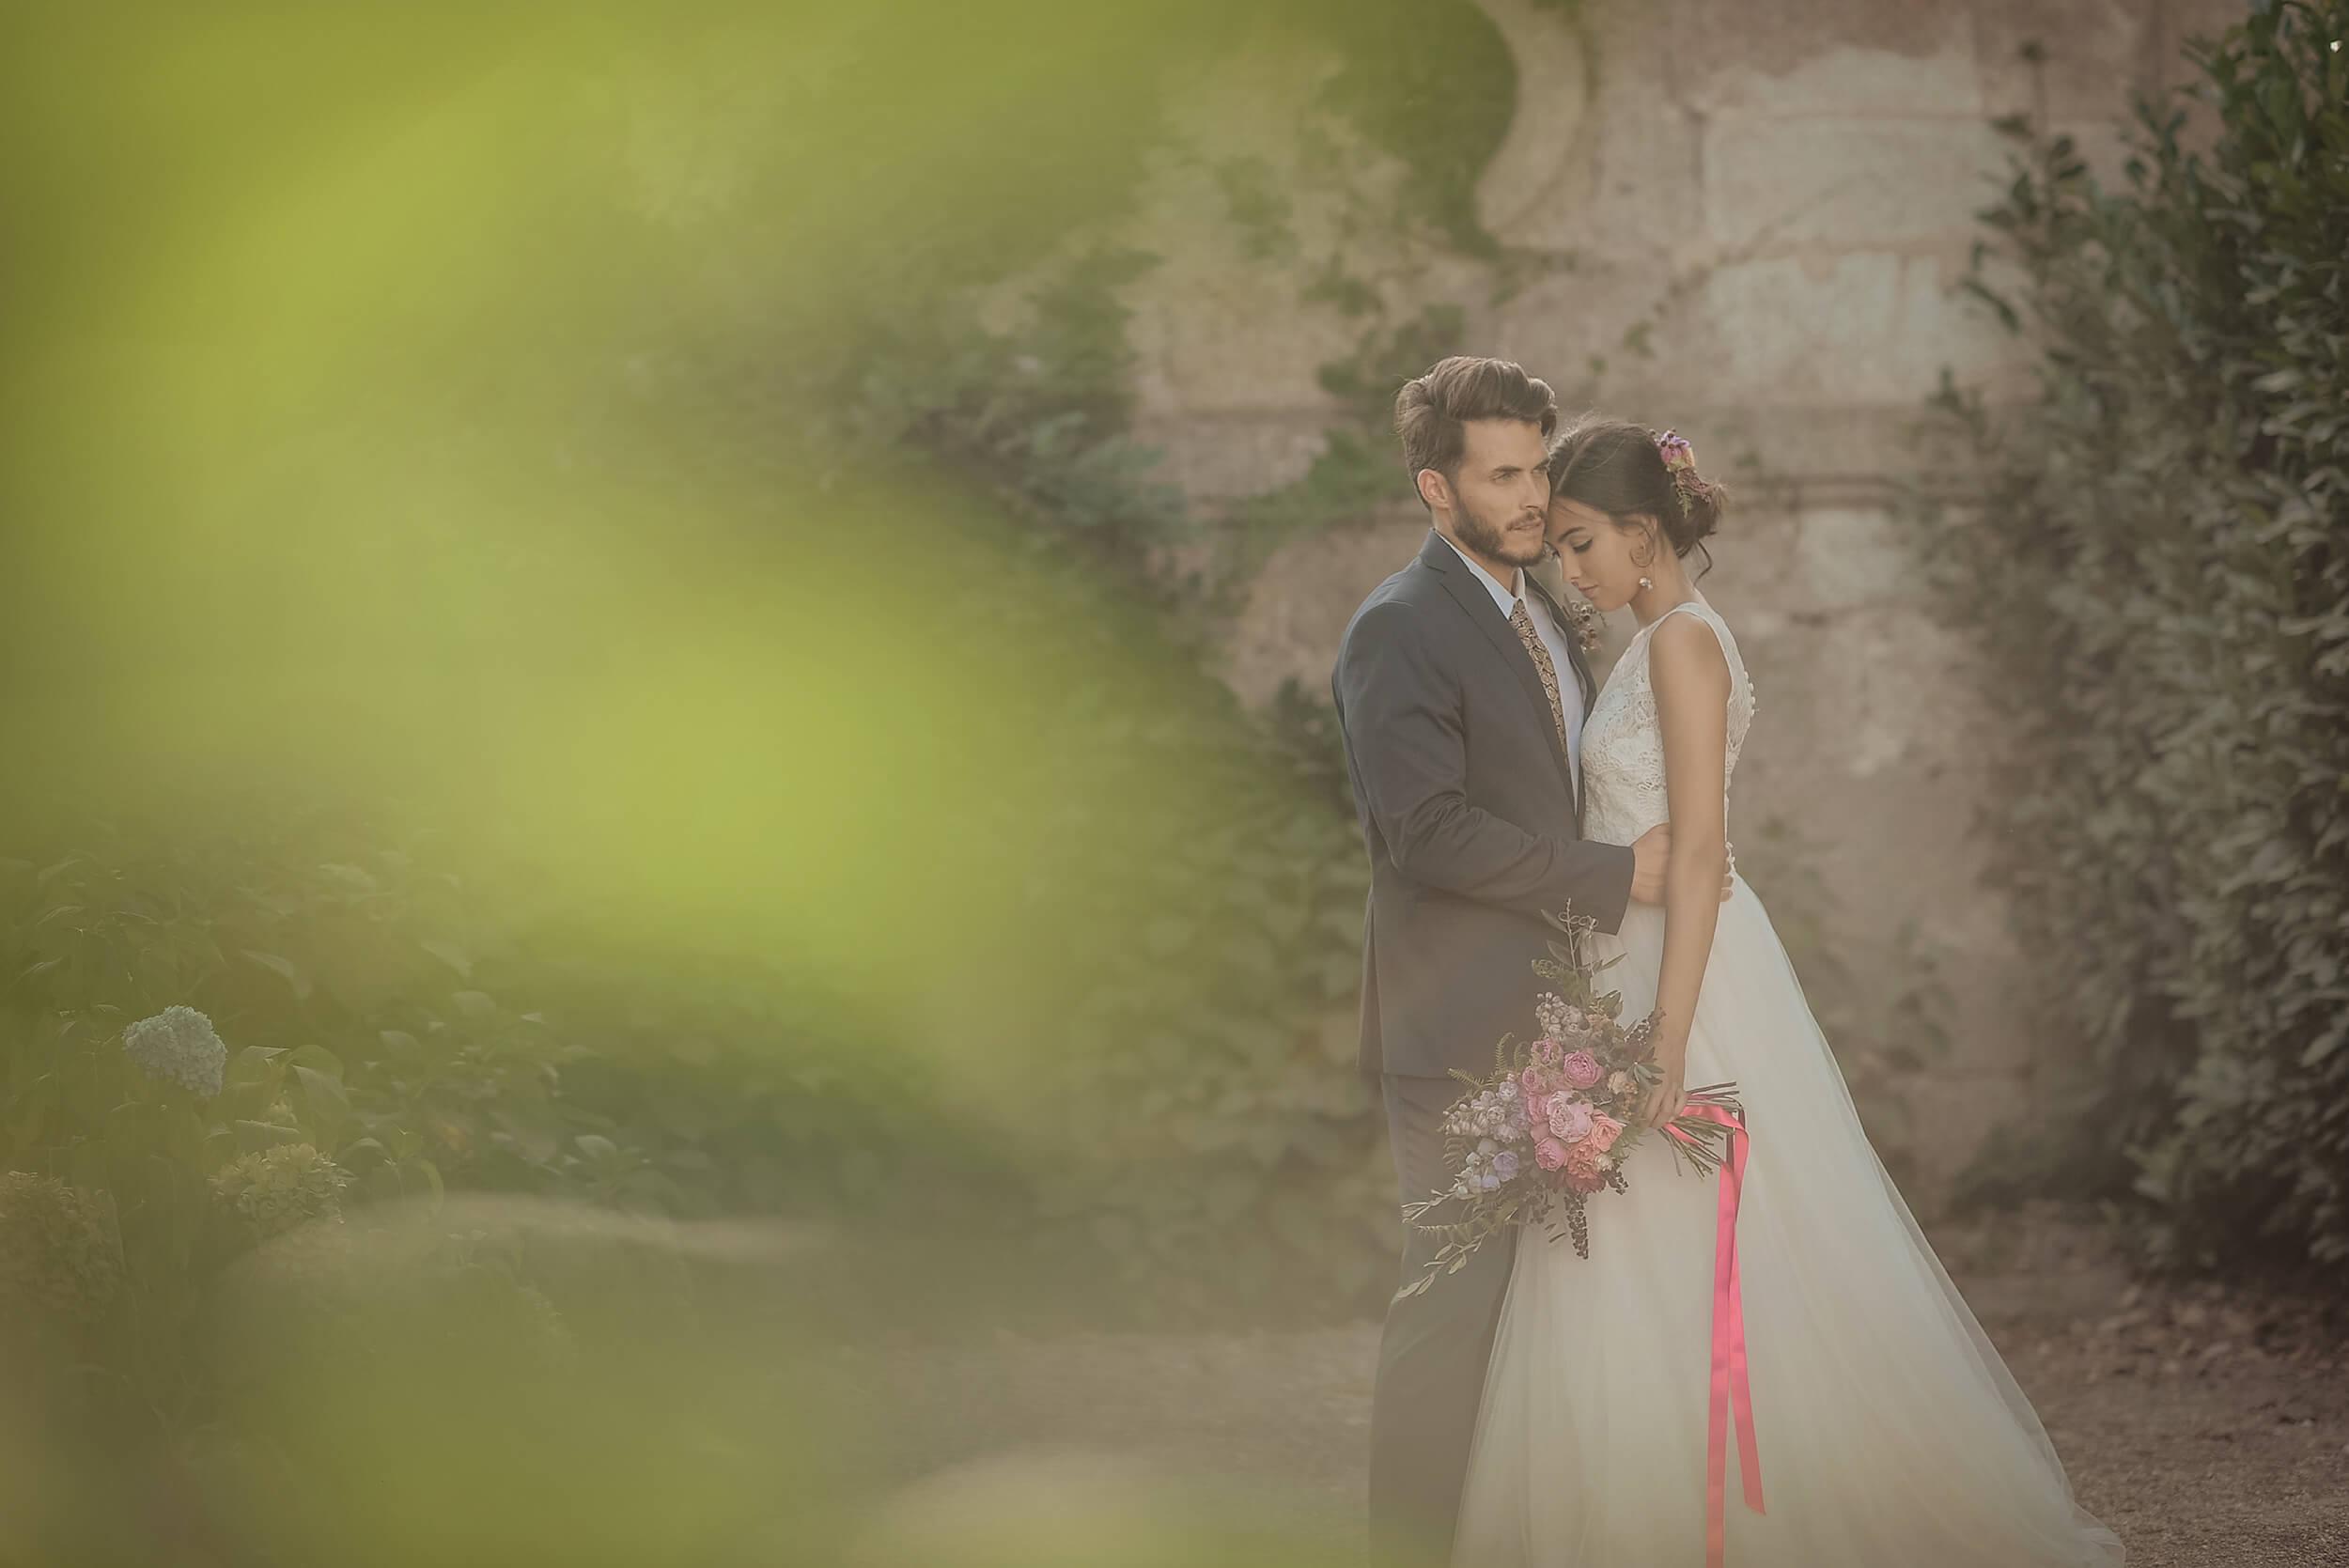 roma-organizacao-eventos-editorial-casamento-colorful-wedding-37